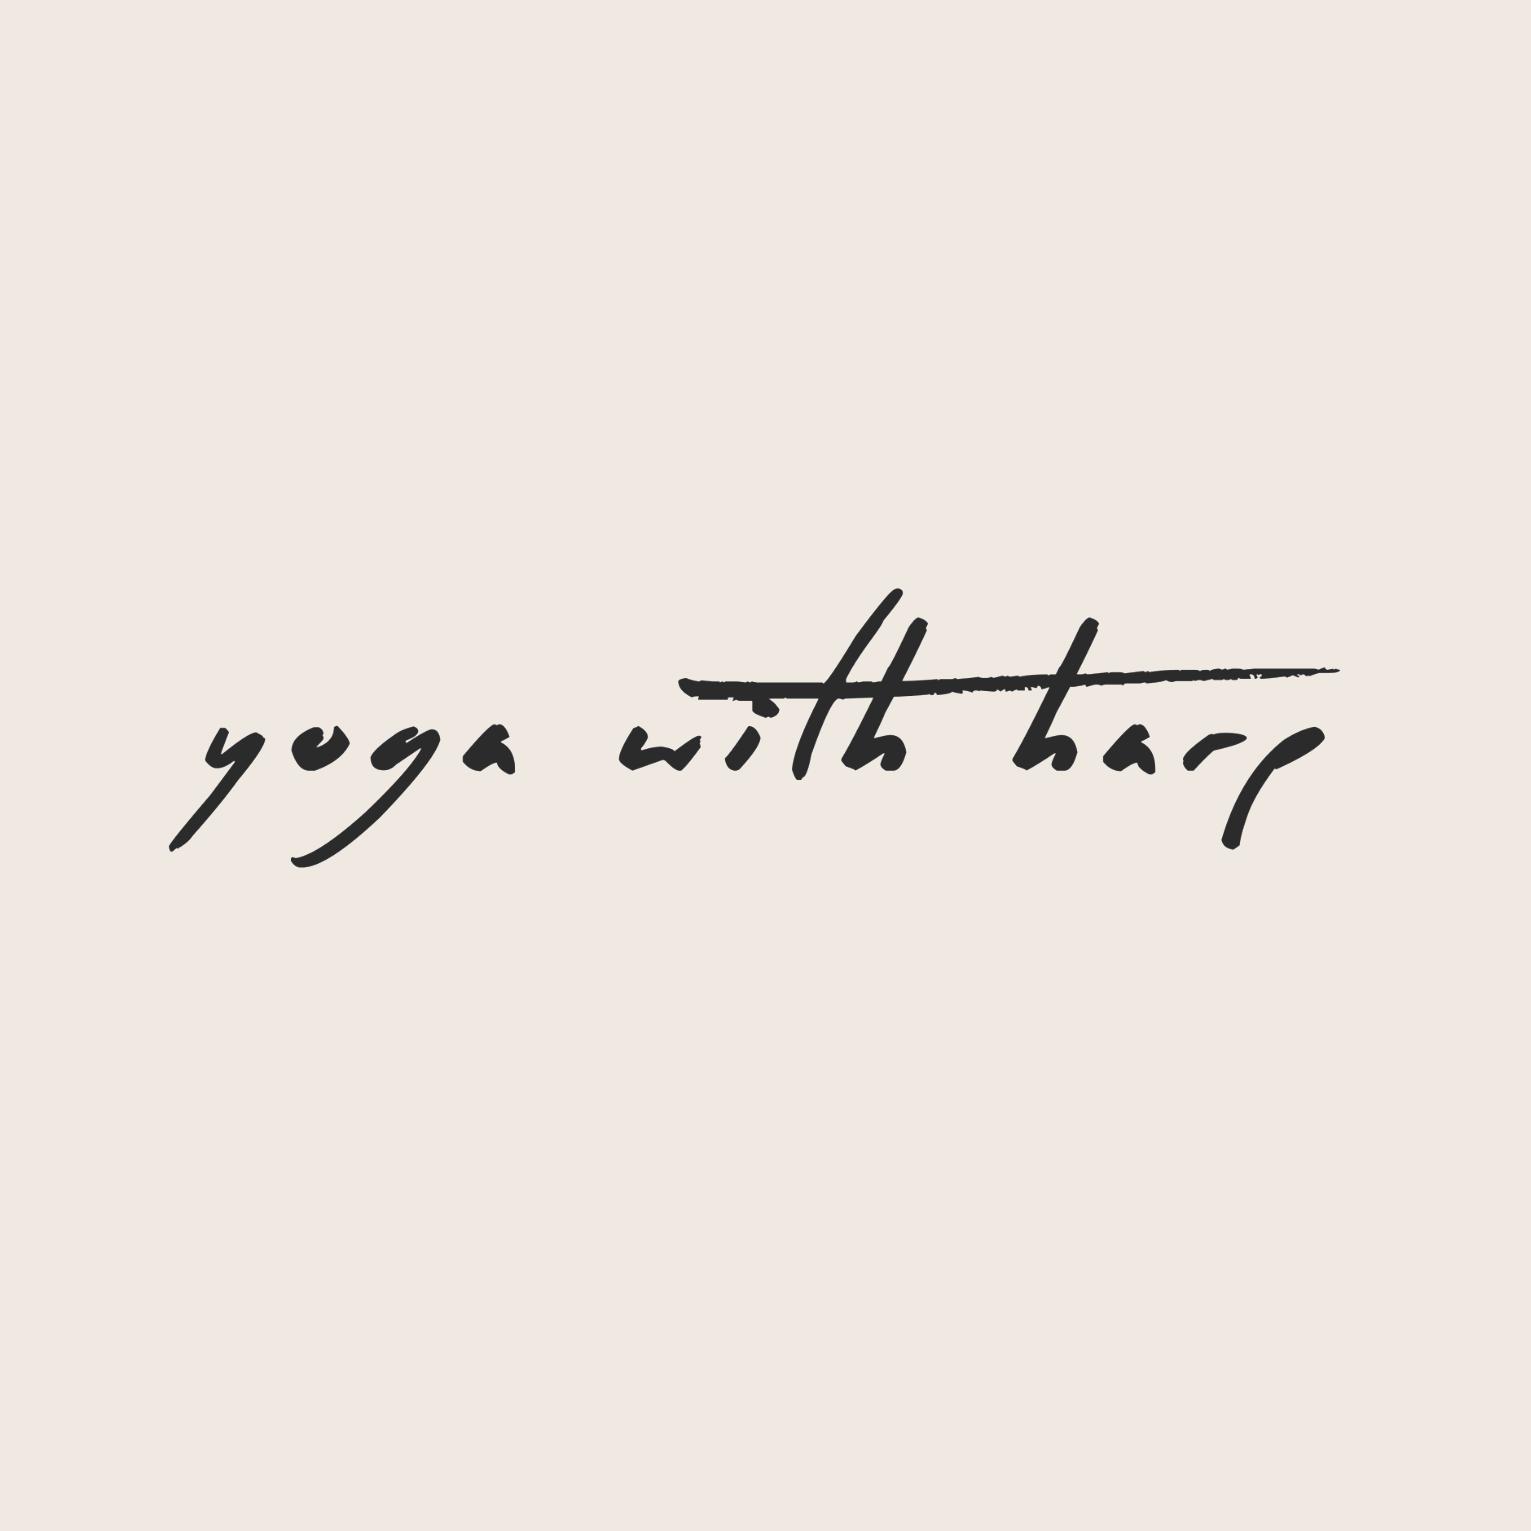 <p>Yoga with Harp</p>